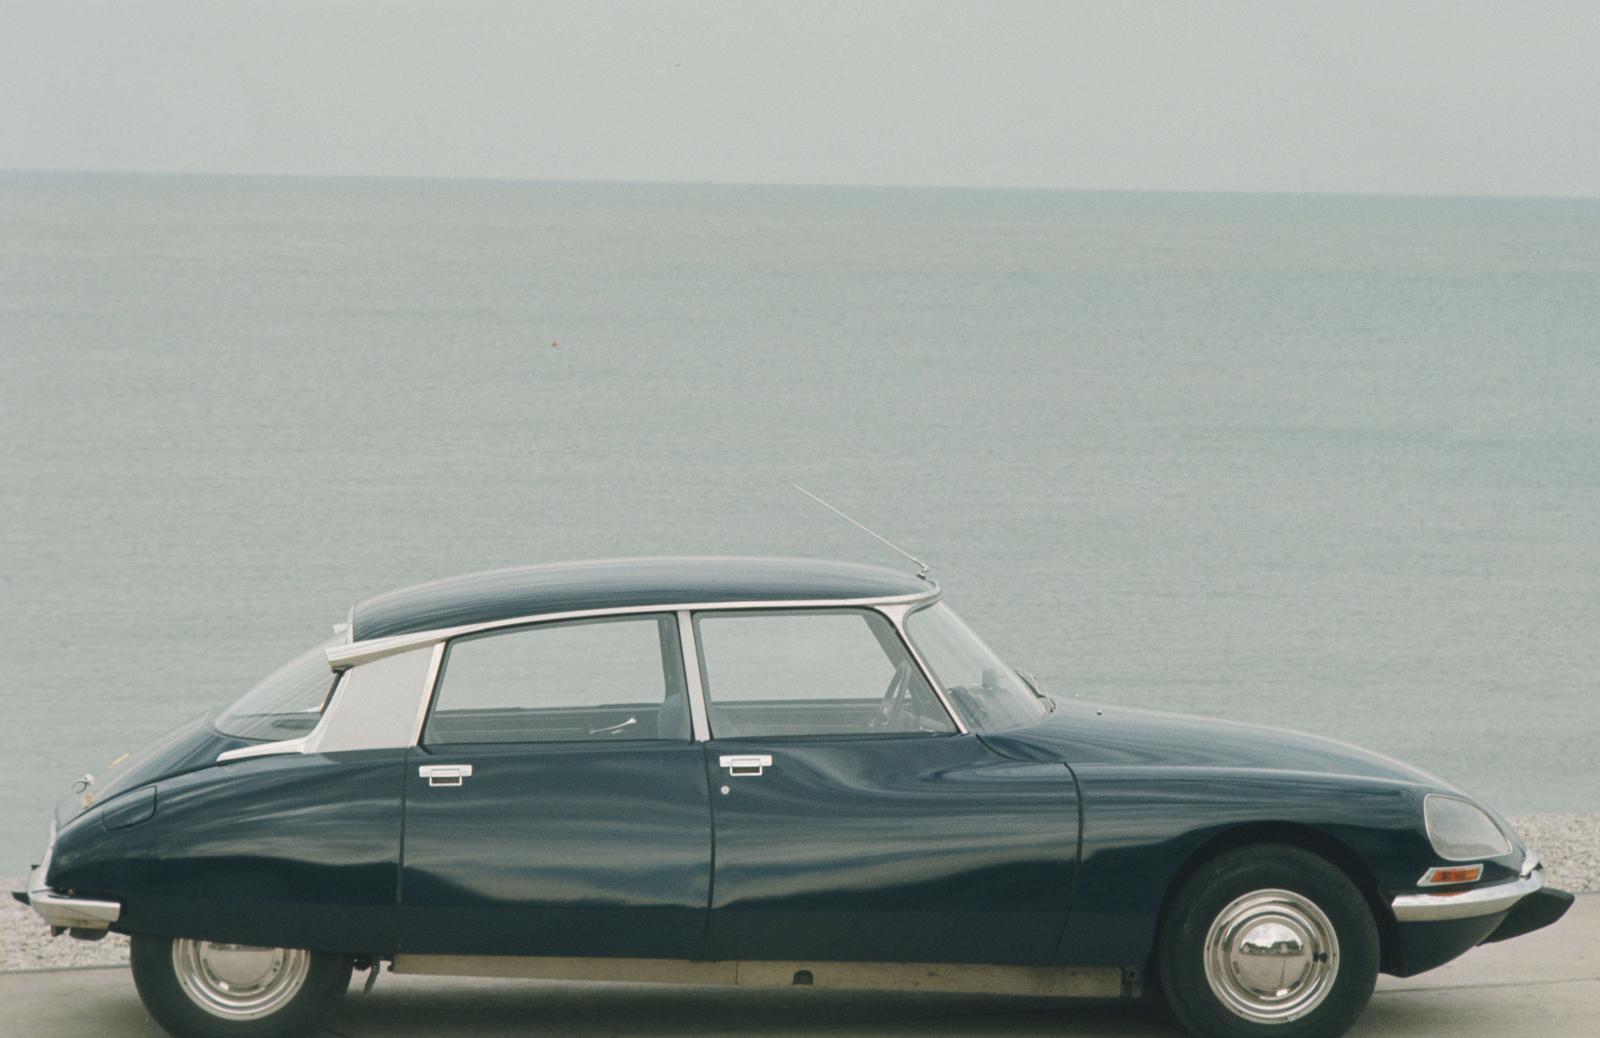 シトロエン DS 21 - 1968年 - 海岸